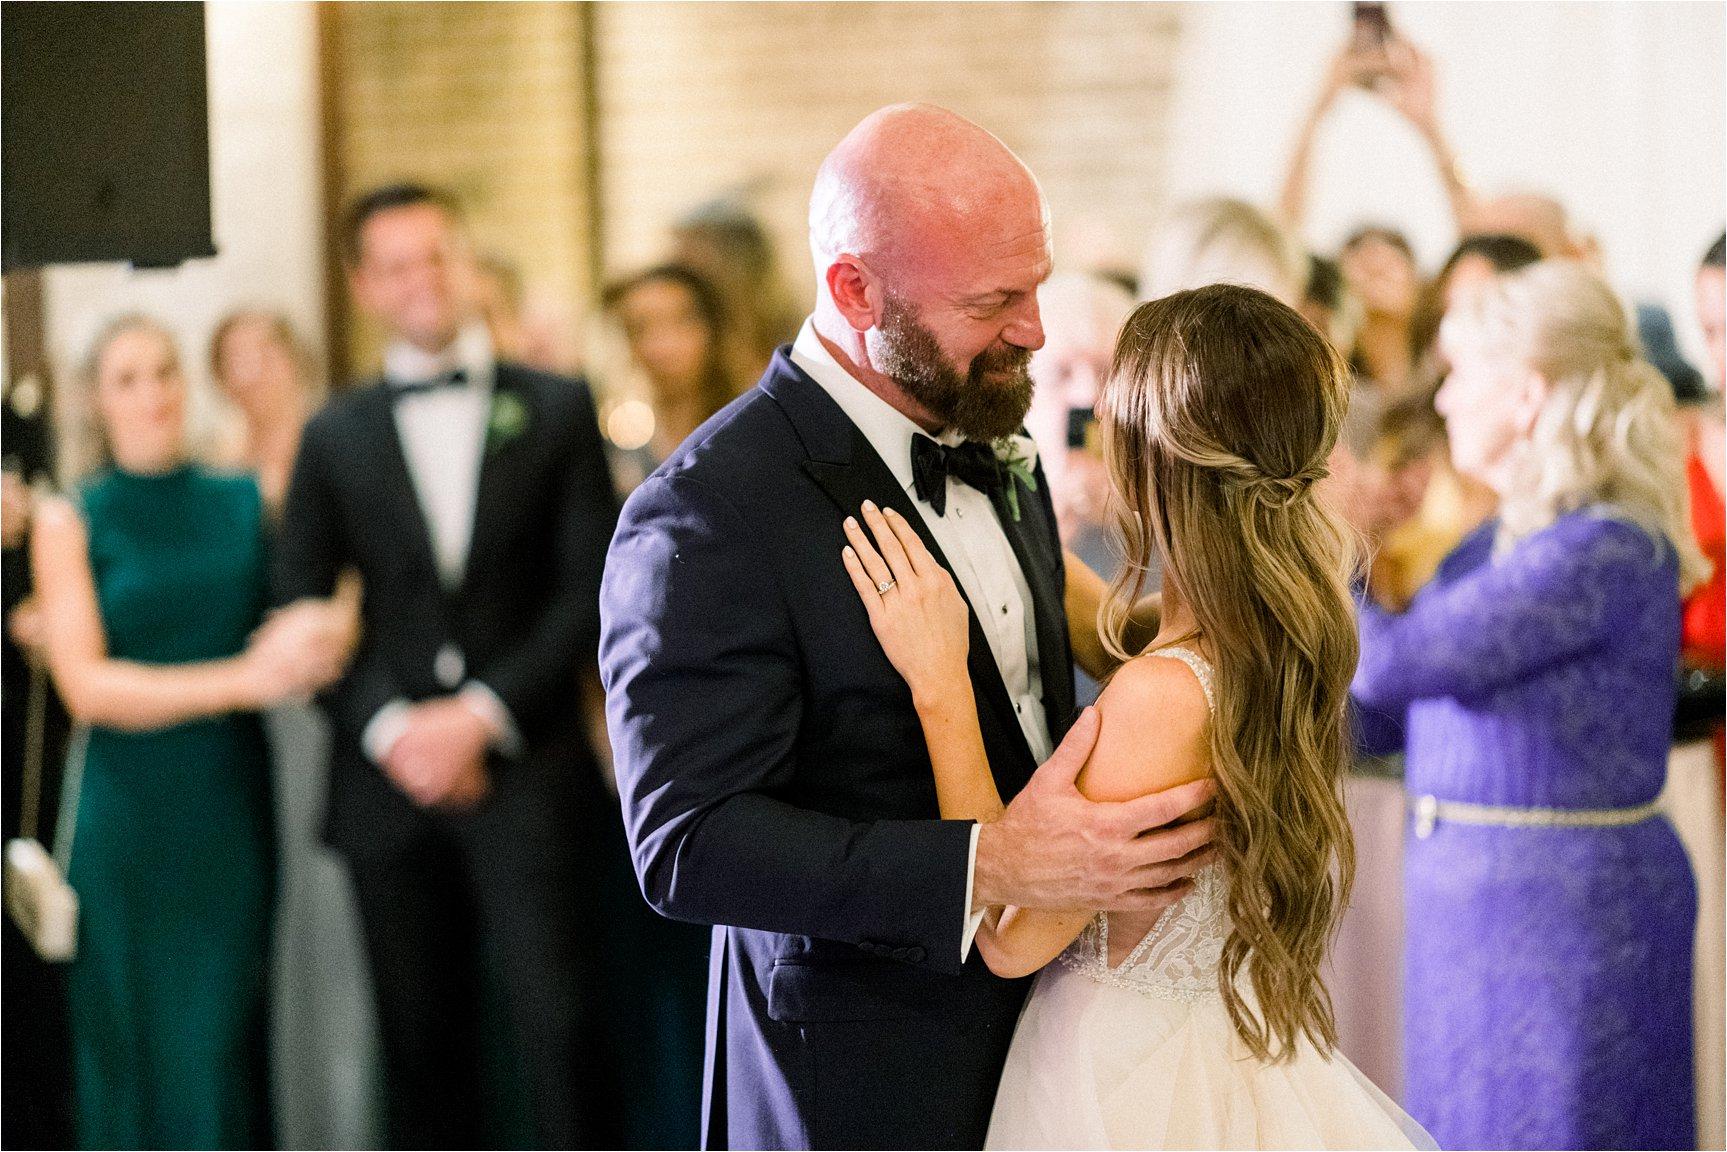 Oxford_Exchange_Wedding_Tampa158.JPG